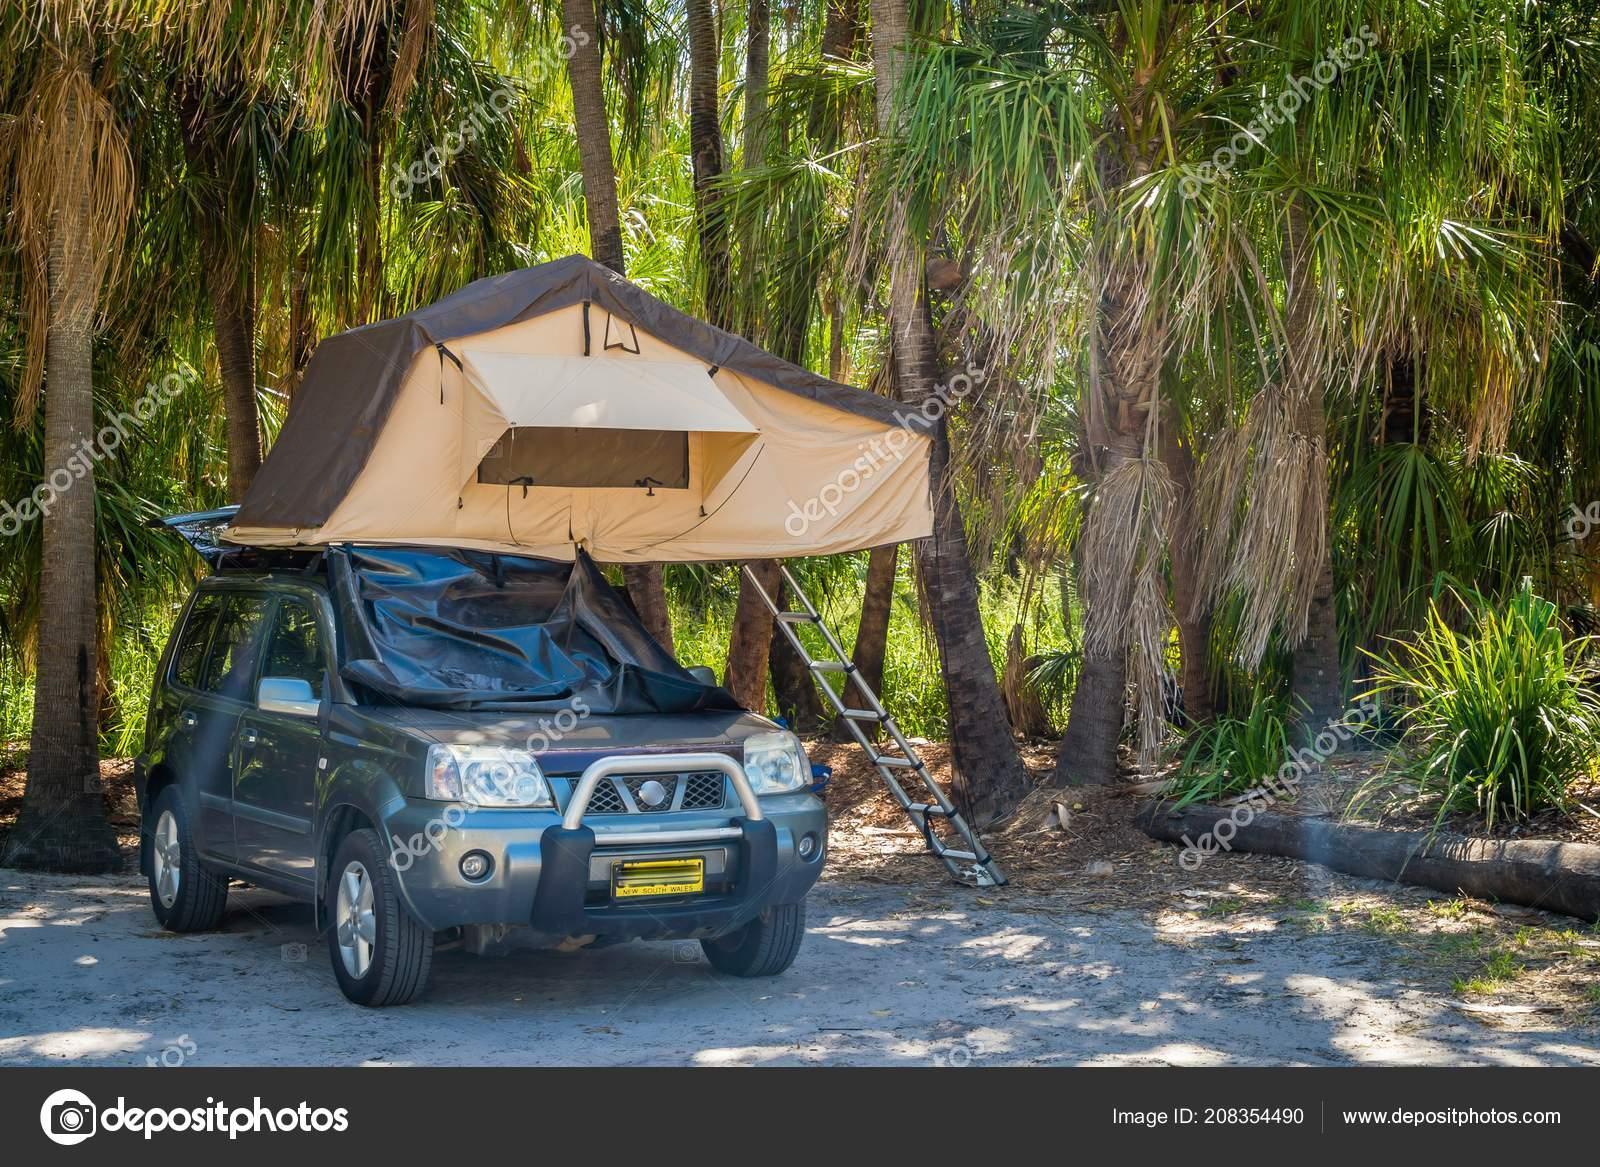 Tent Suv Car Camp Site Australia Stock Editorial Photo C Bignoub 208354490